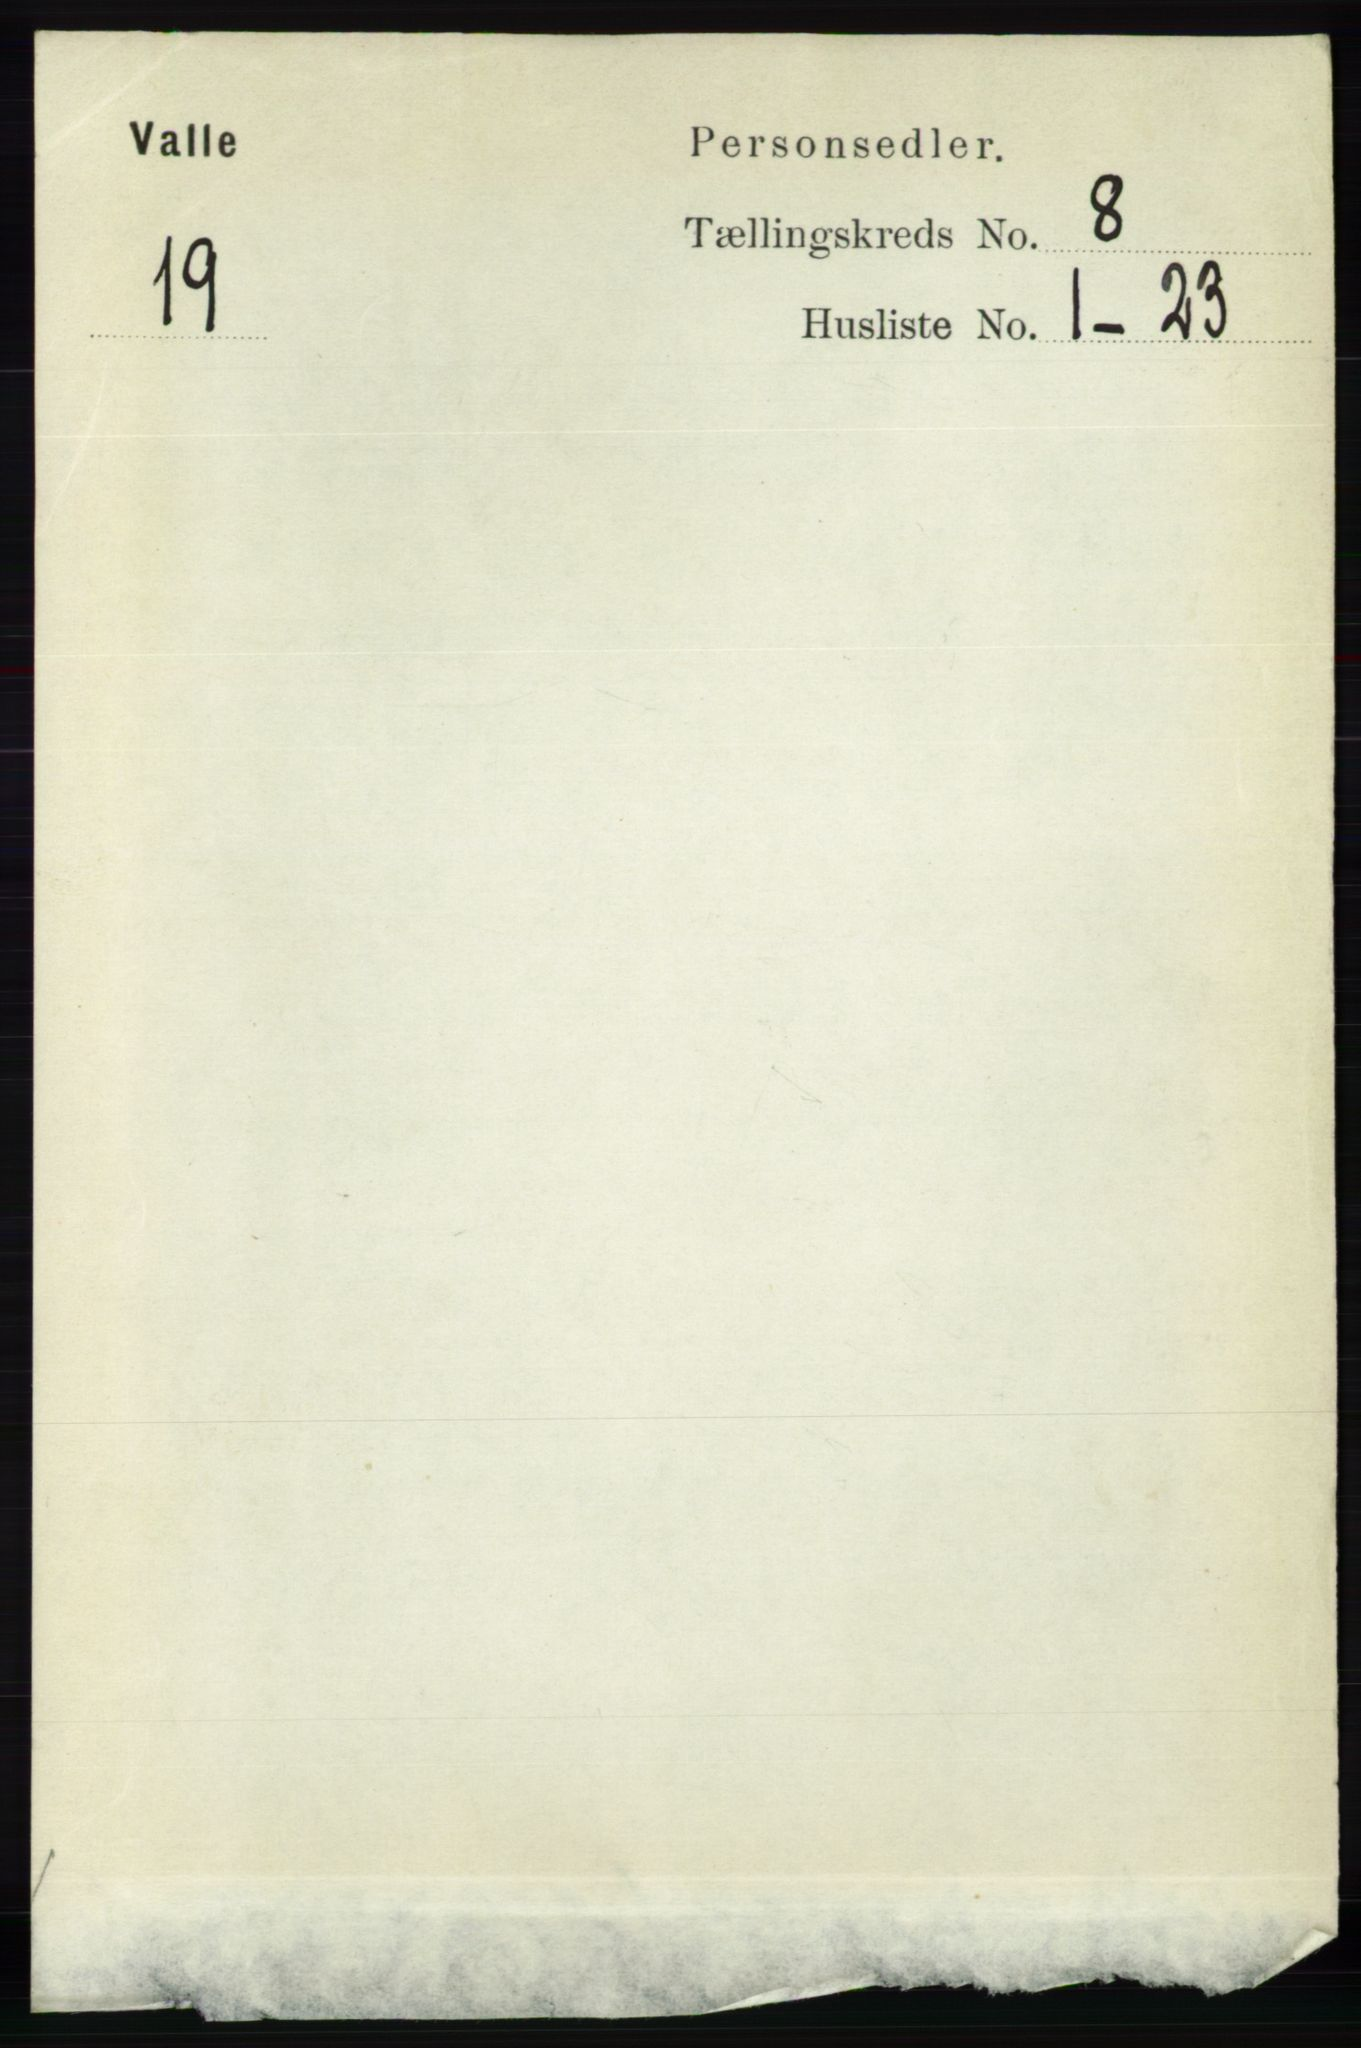 RA, Folketelling 1891 for 0940 Valle herred, 1891, s. 2236